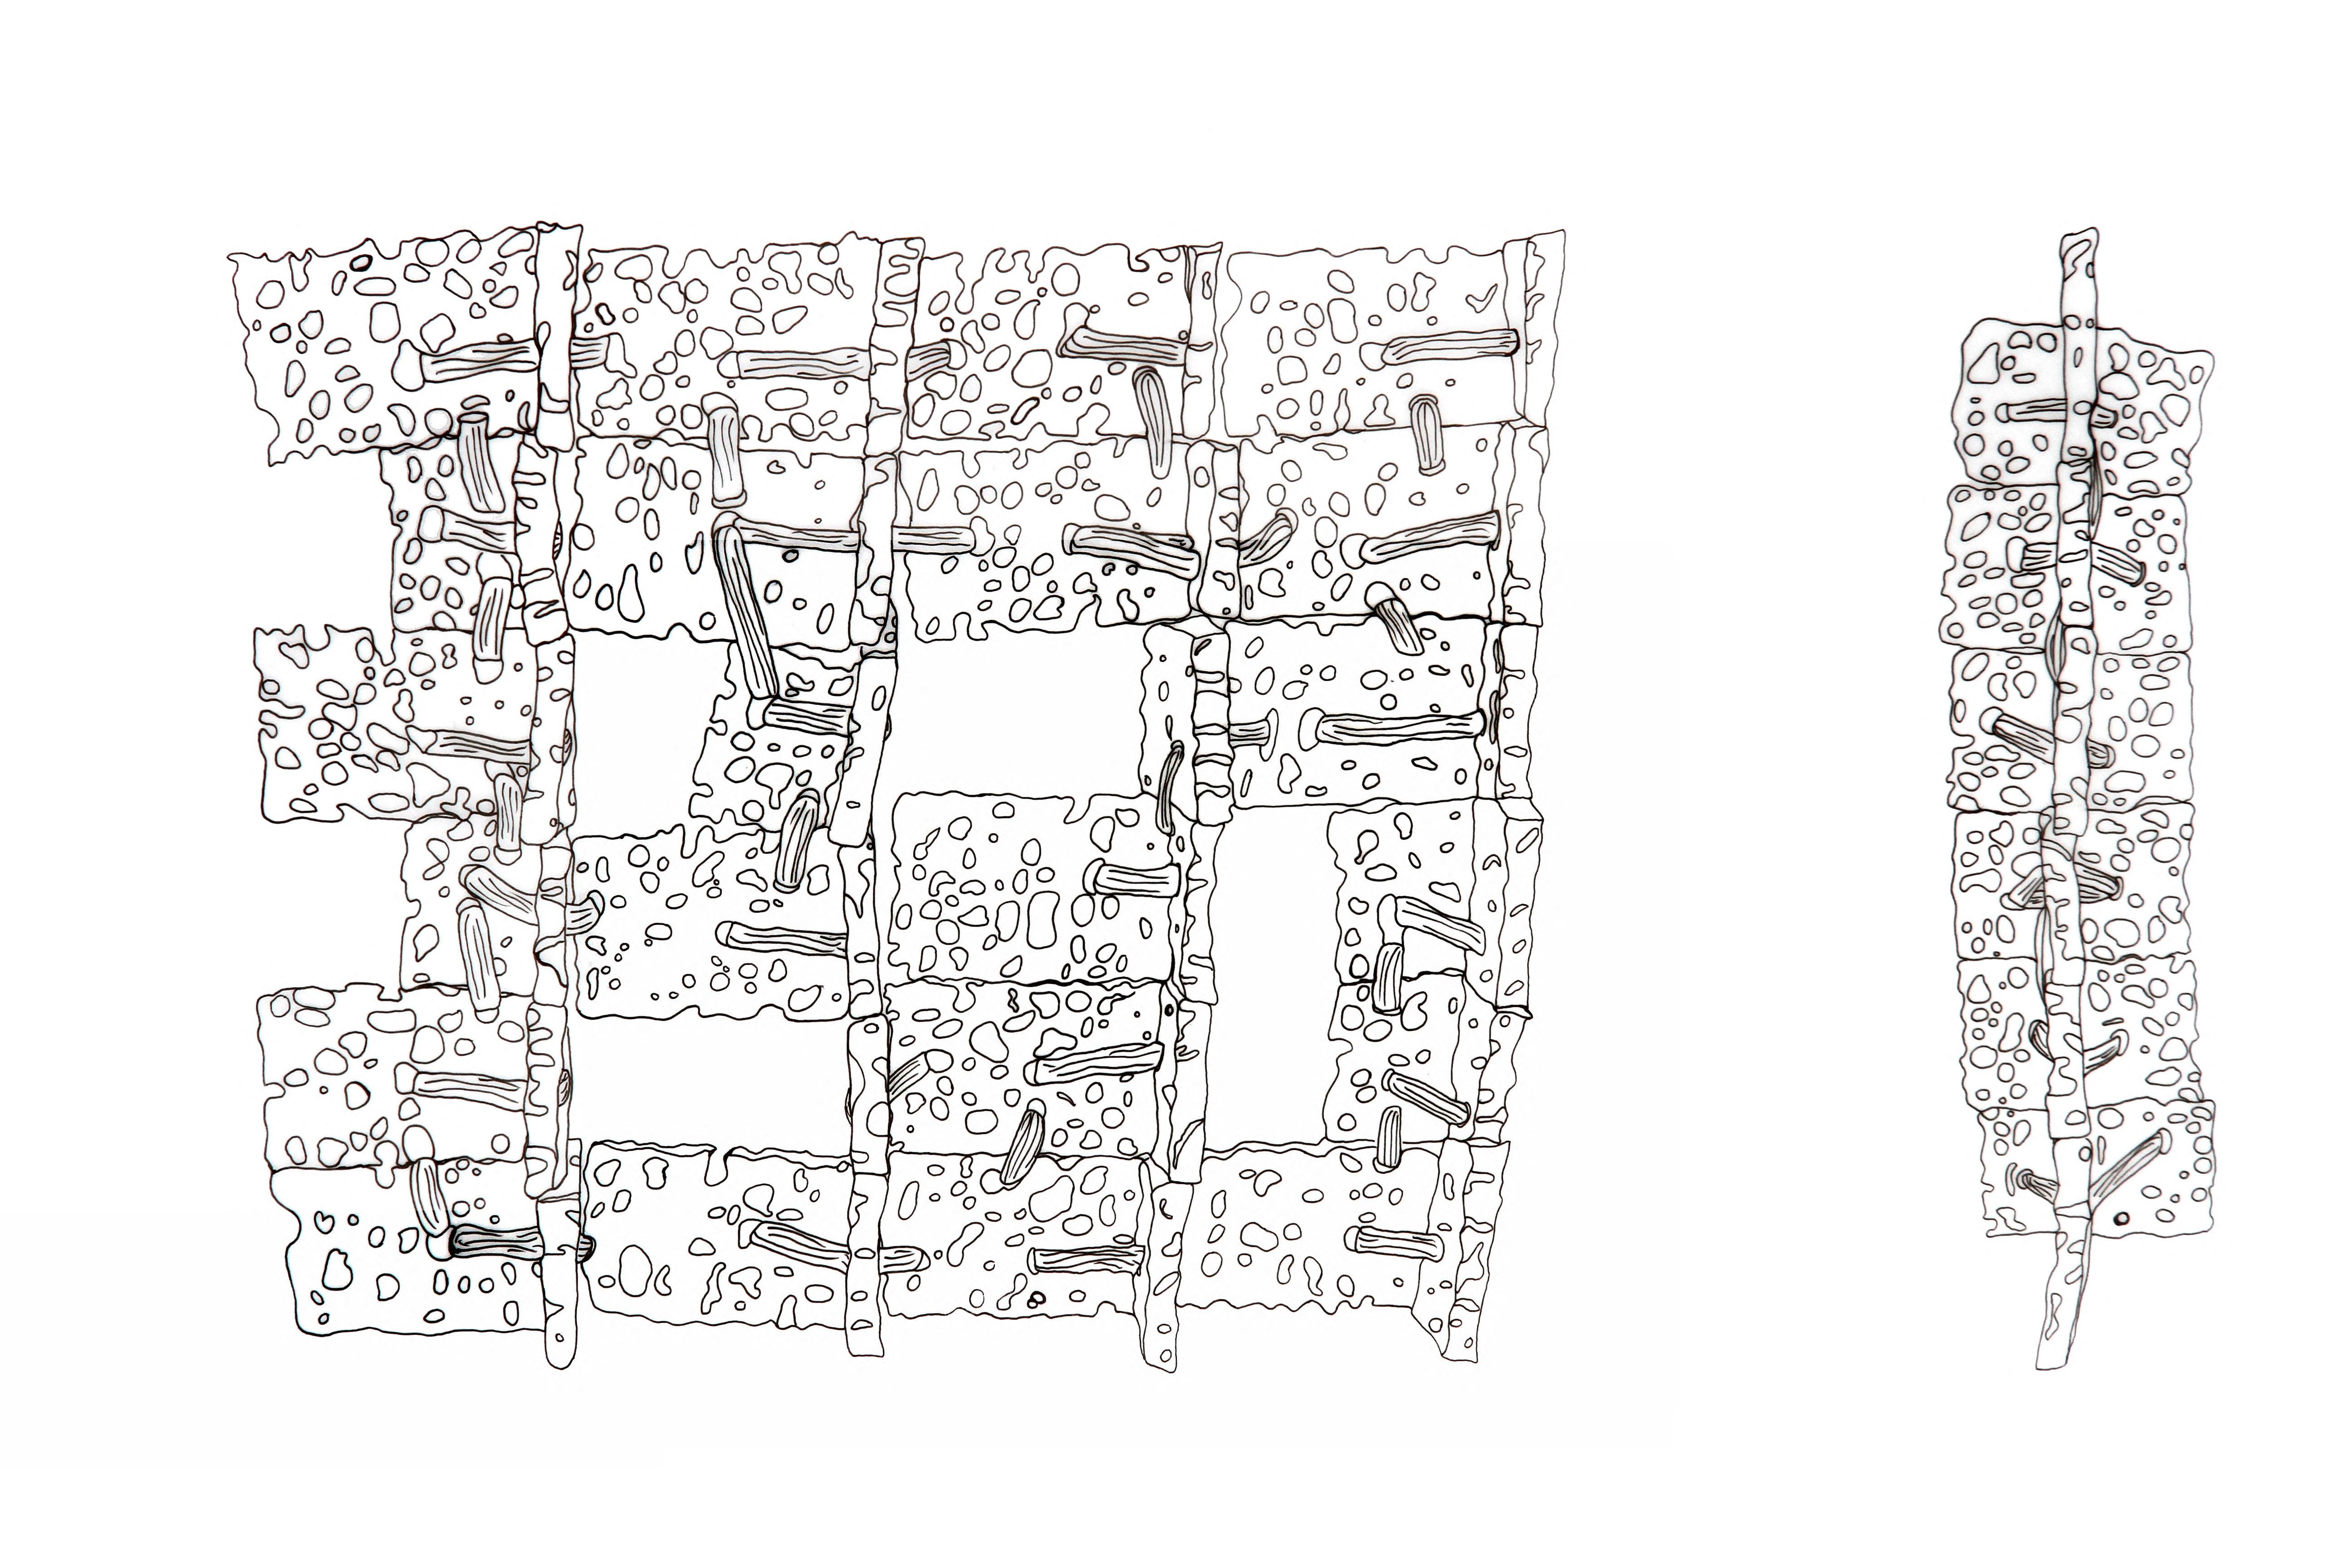 Waxed Sponge & Rubber - facade